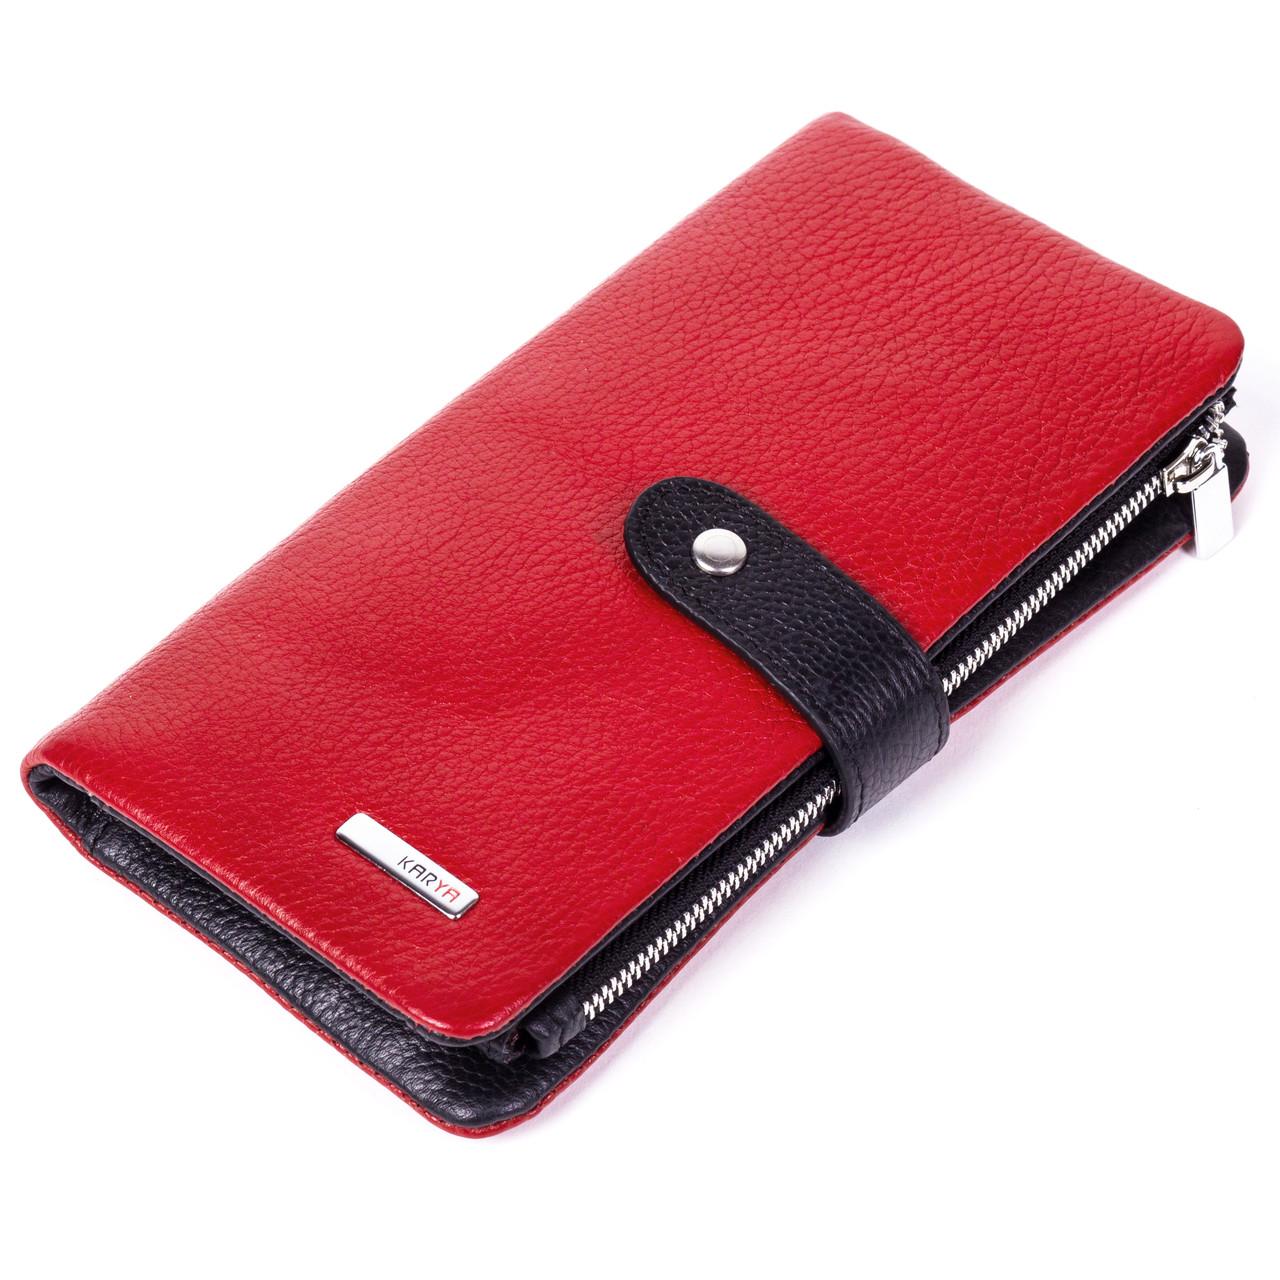 Жіночий гаманець KARYA 1135-46 червоний з чорним